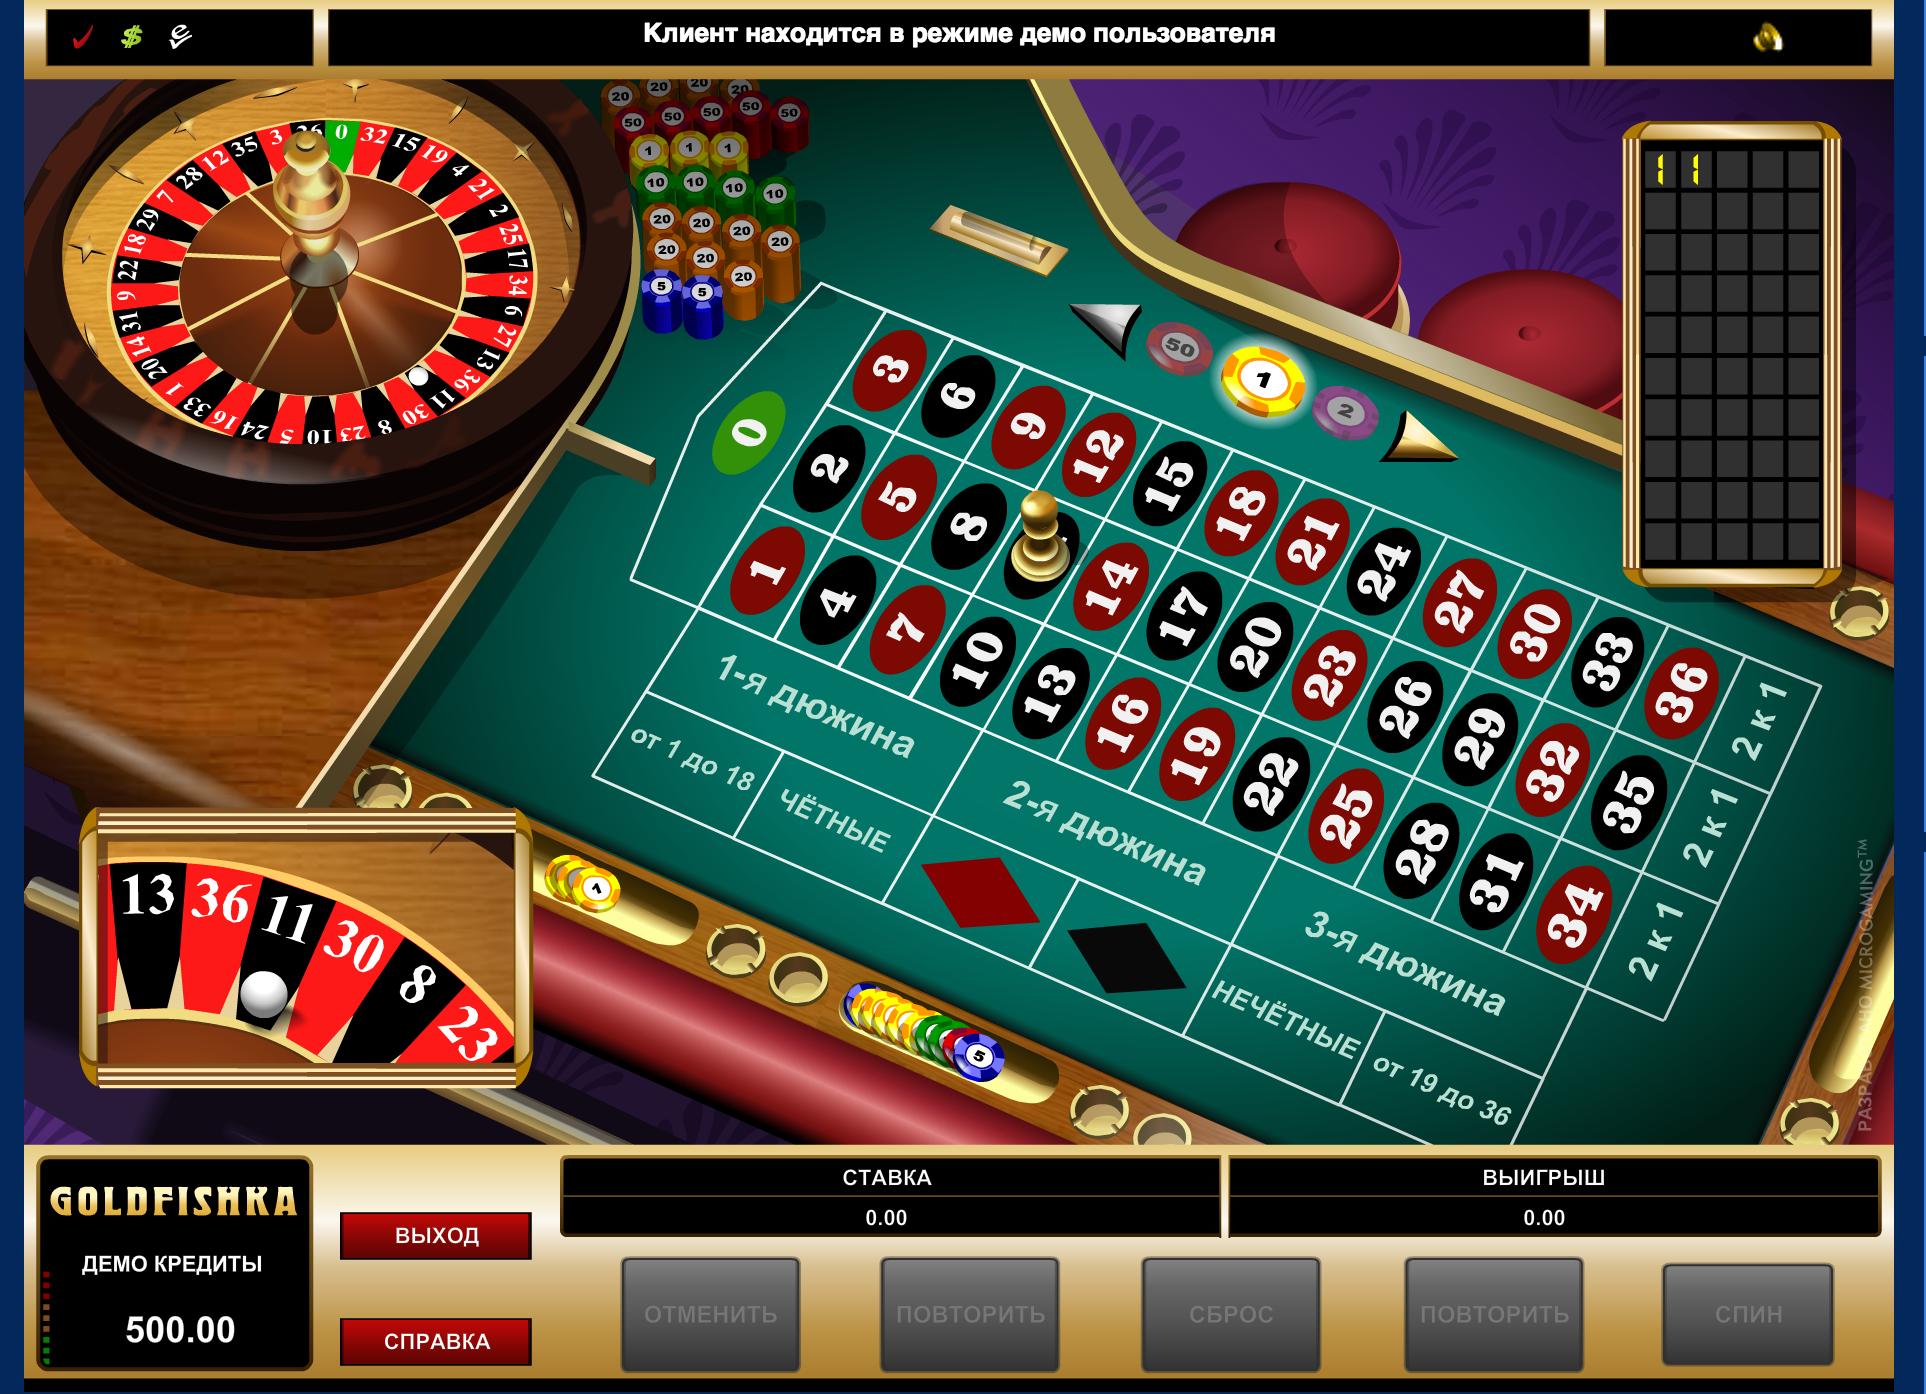 Игровые автоматы играть бесплатно и без регистрации 777 новые игры контрольчестности рф игровые автоматы играть бесплатно и без регистрации 888 адмирал